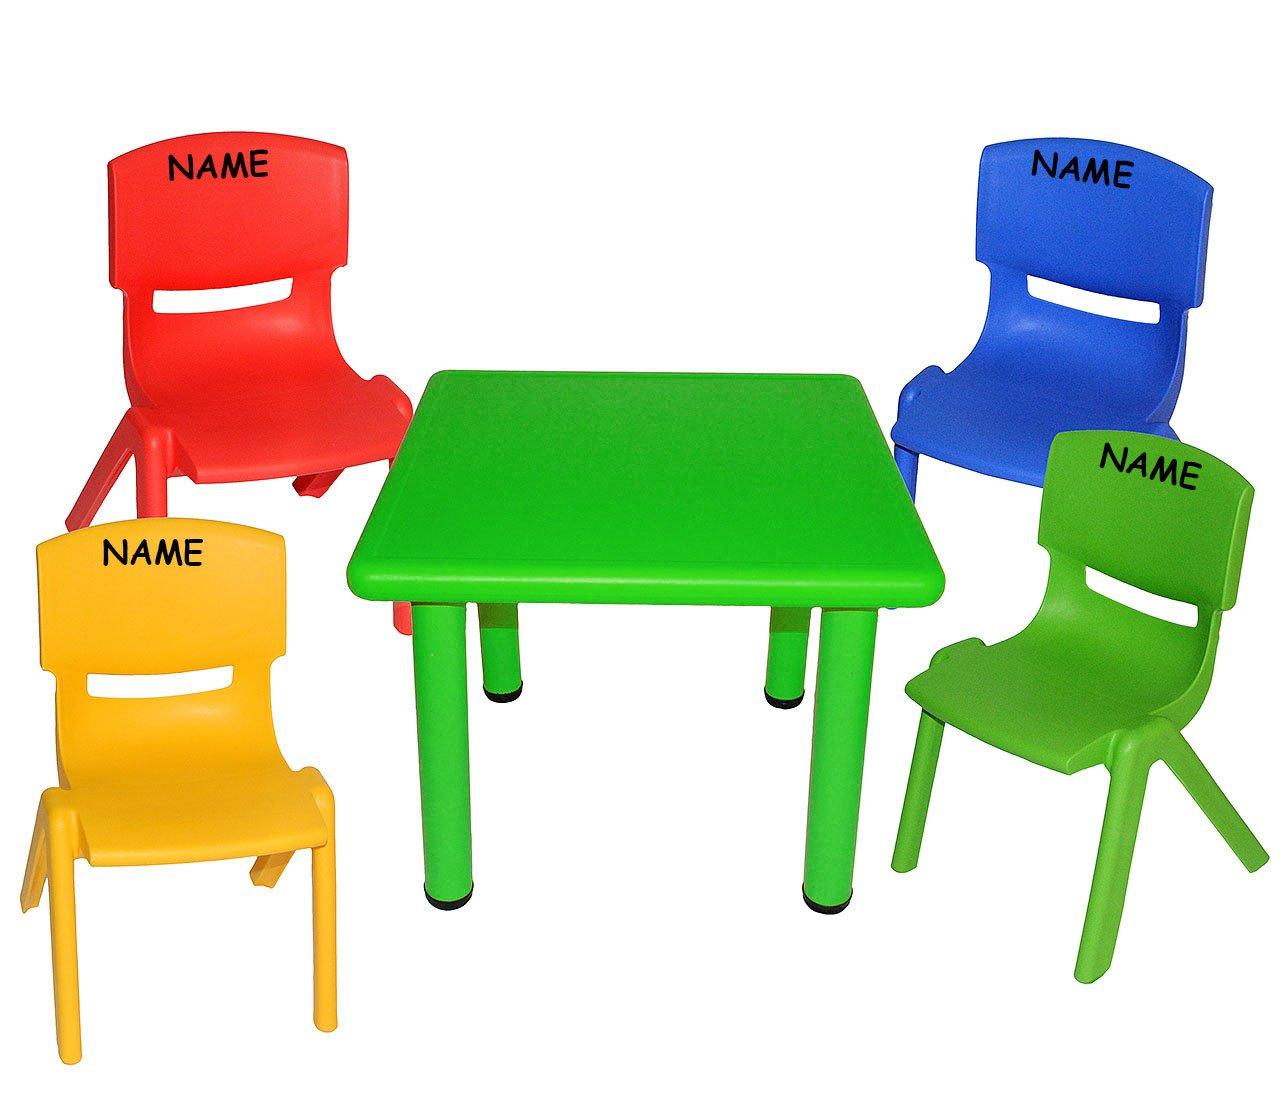 5 tlg. Set: Sitzgruppe - Tisch + 4 Kinderstühle - BUNT - incl. Namen - stapelbar / kippsicher / bis 100 kg belastbar - für INNEN & AUßEN - Plastik / Kunststoff - Stuhl Stühle / Kinderzimmer / Kindertisch - Kinder - Gartenmöbel Kindertischgruppe - Tisc